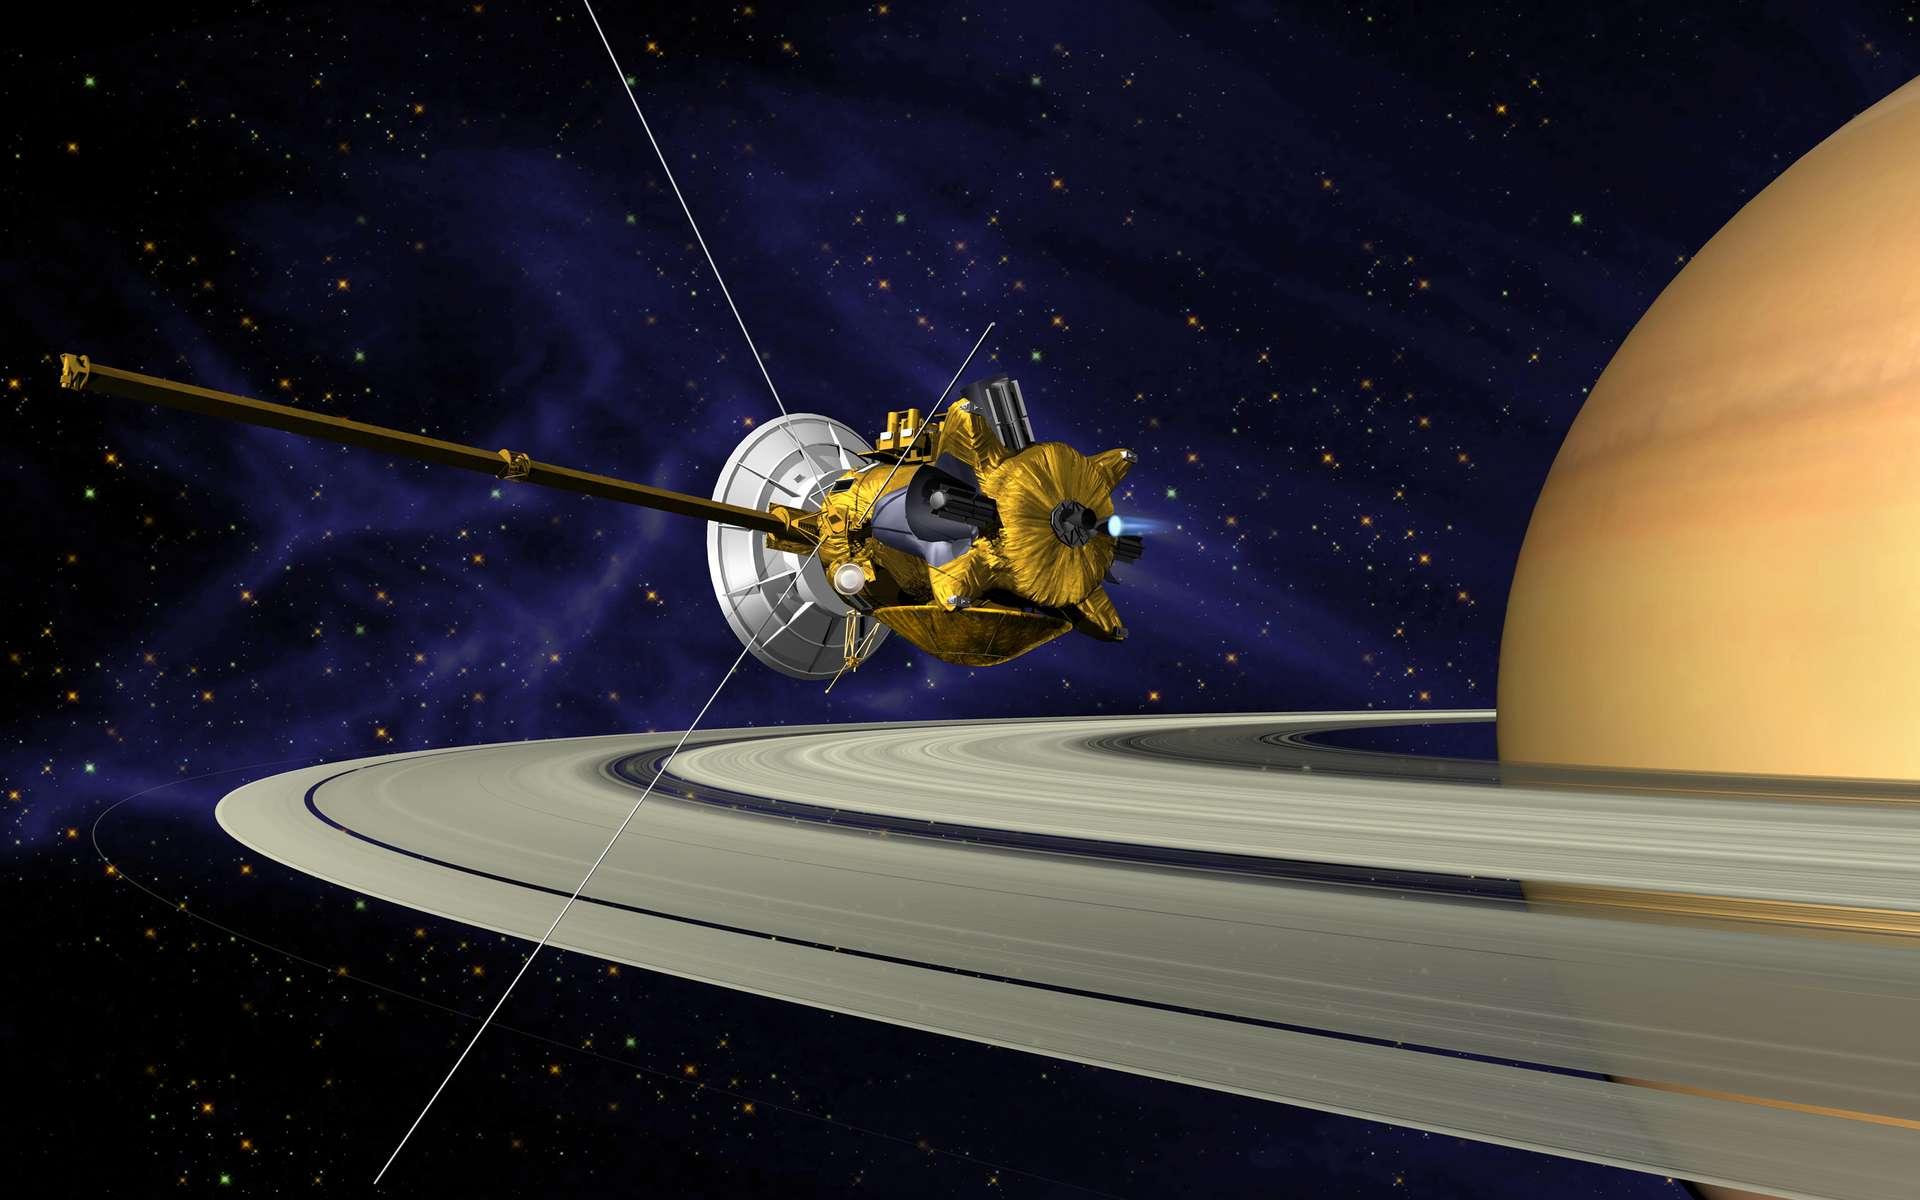 Exclusivité : la sonde Cassini se confie à Futura. © Nasa, JPL